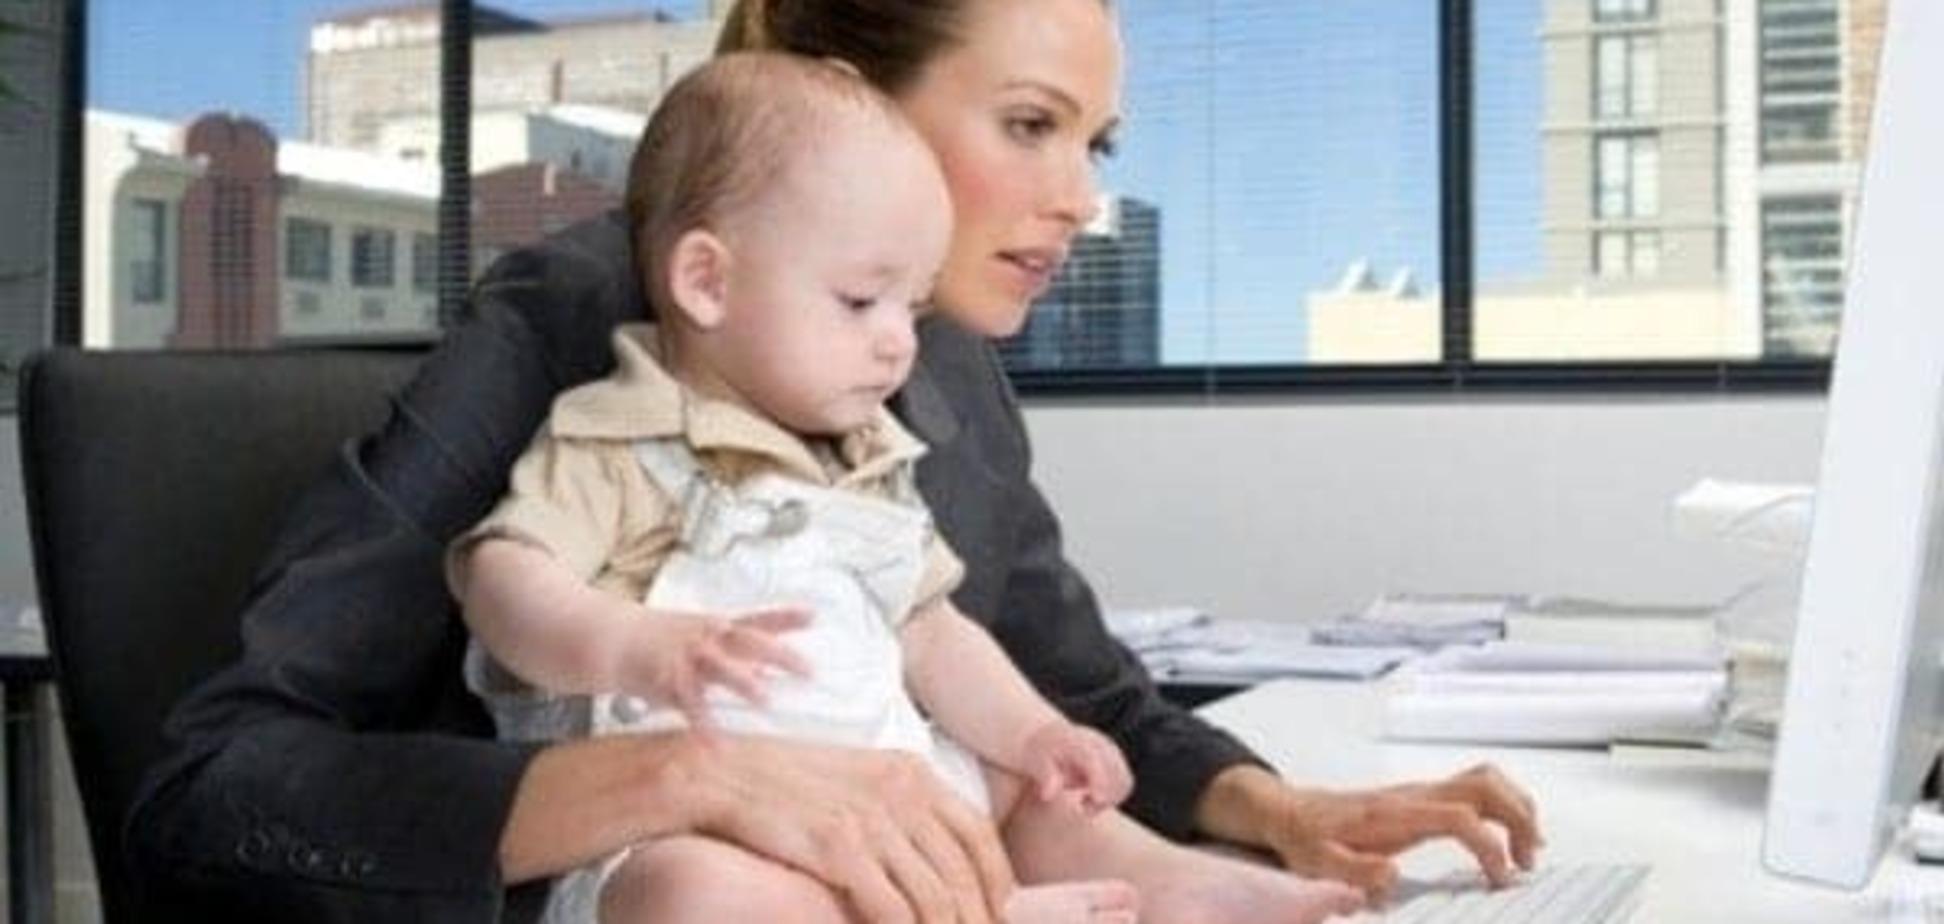 Материнство и материальная обеспеченность девушки связаны между собой